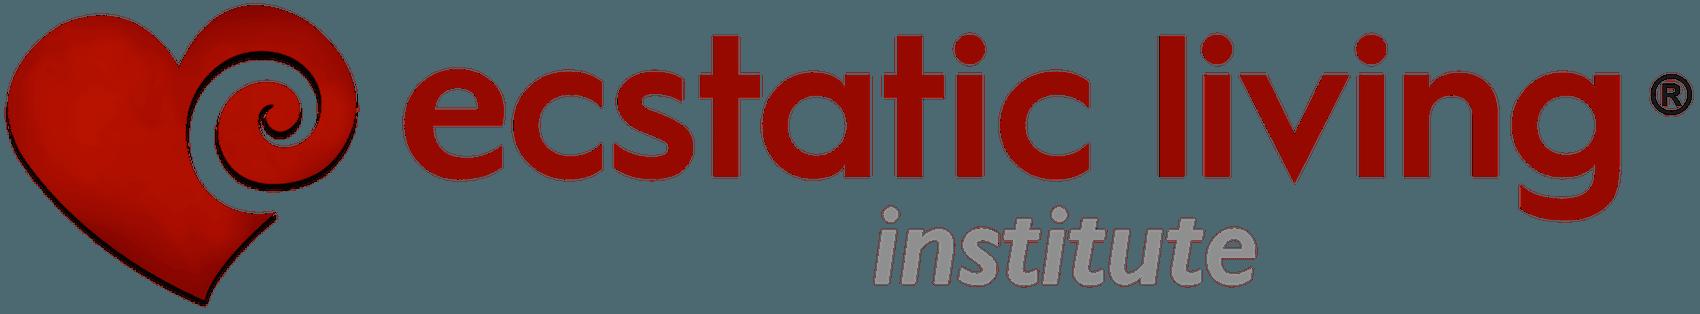 Ecstatic Living Institute